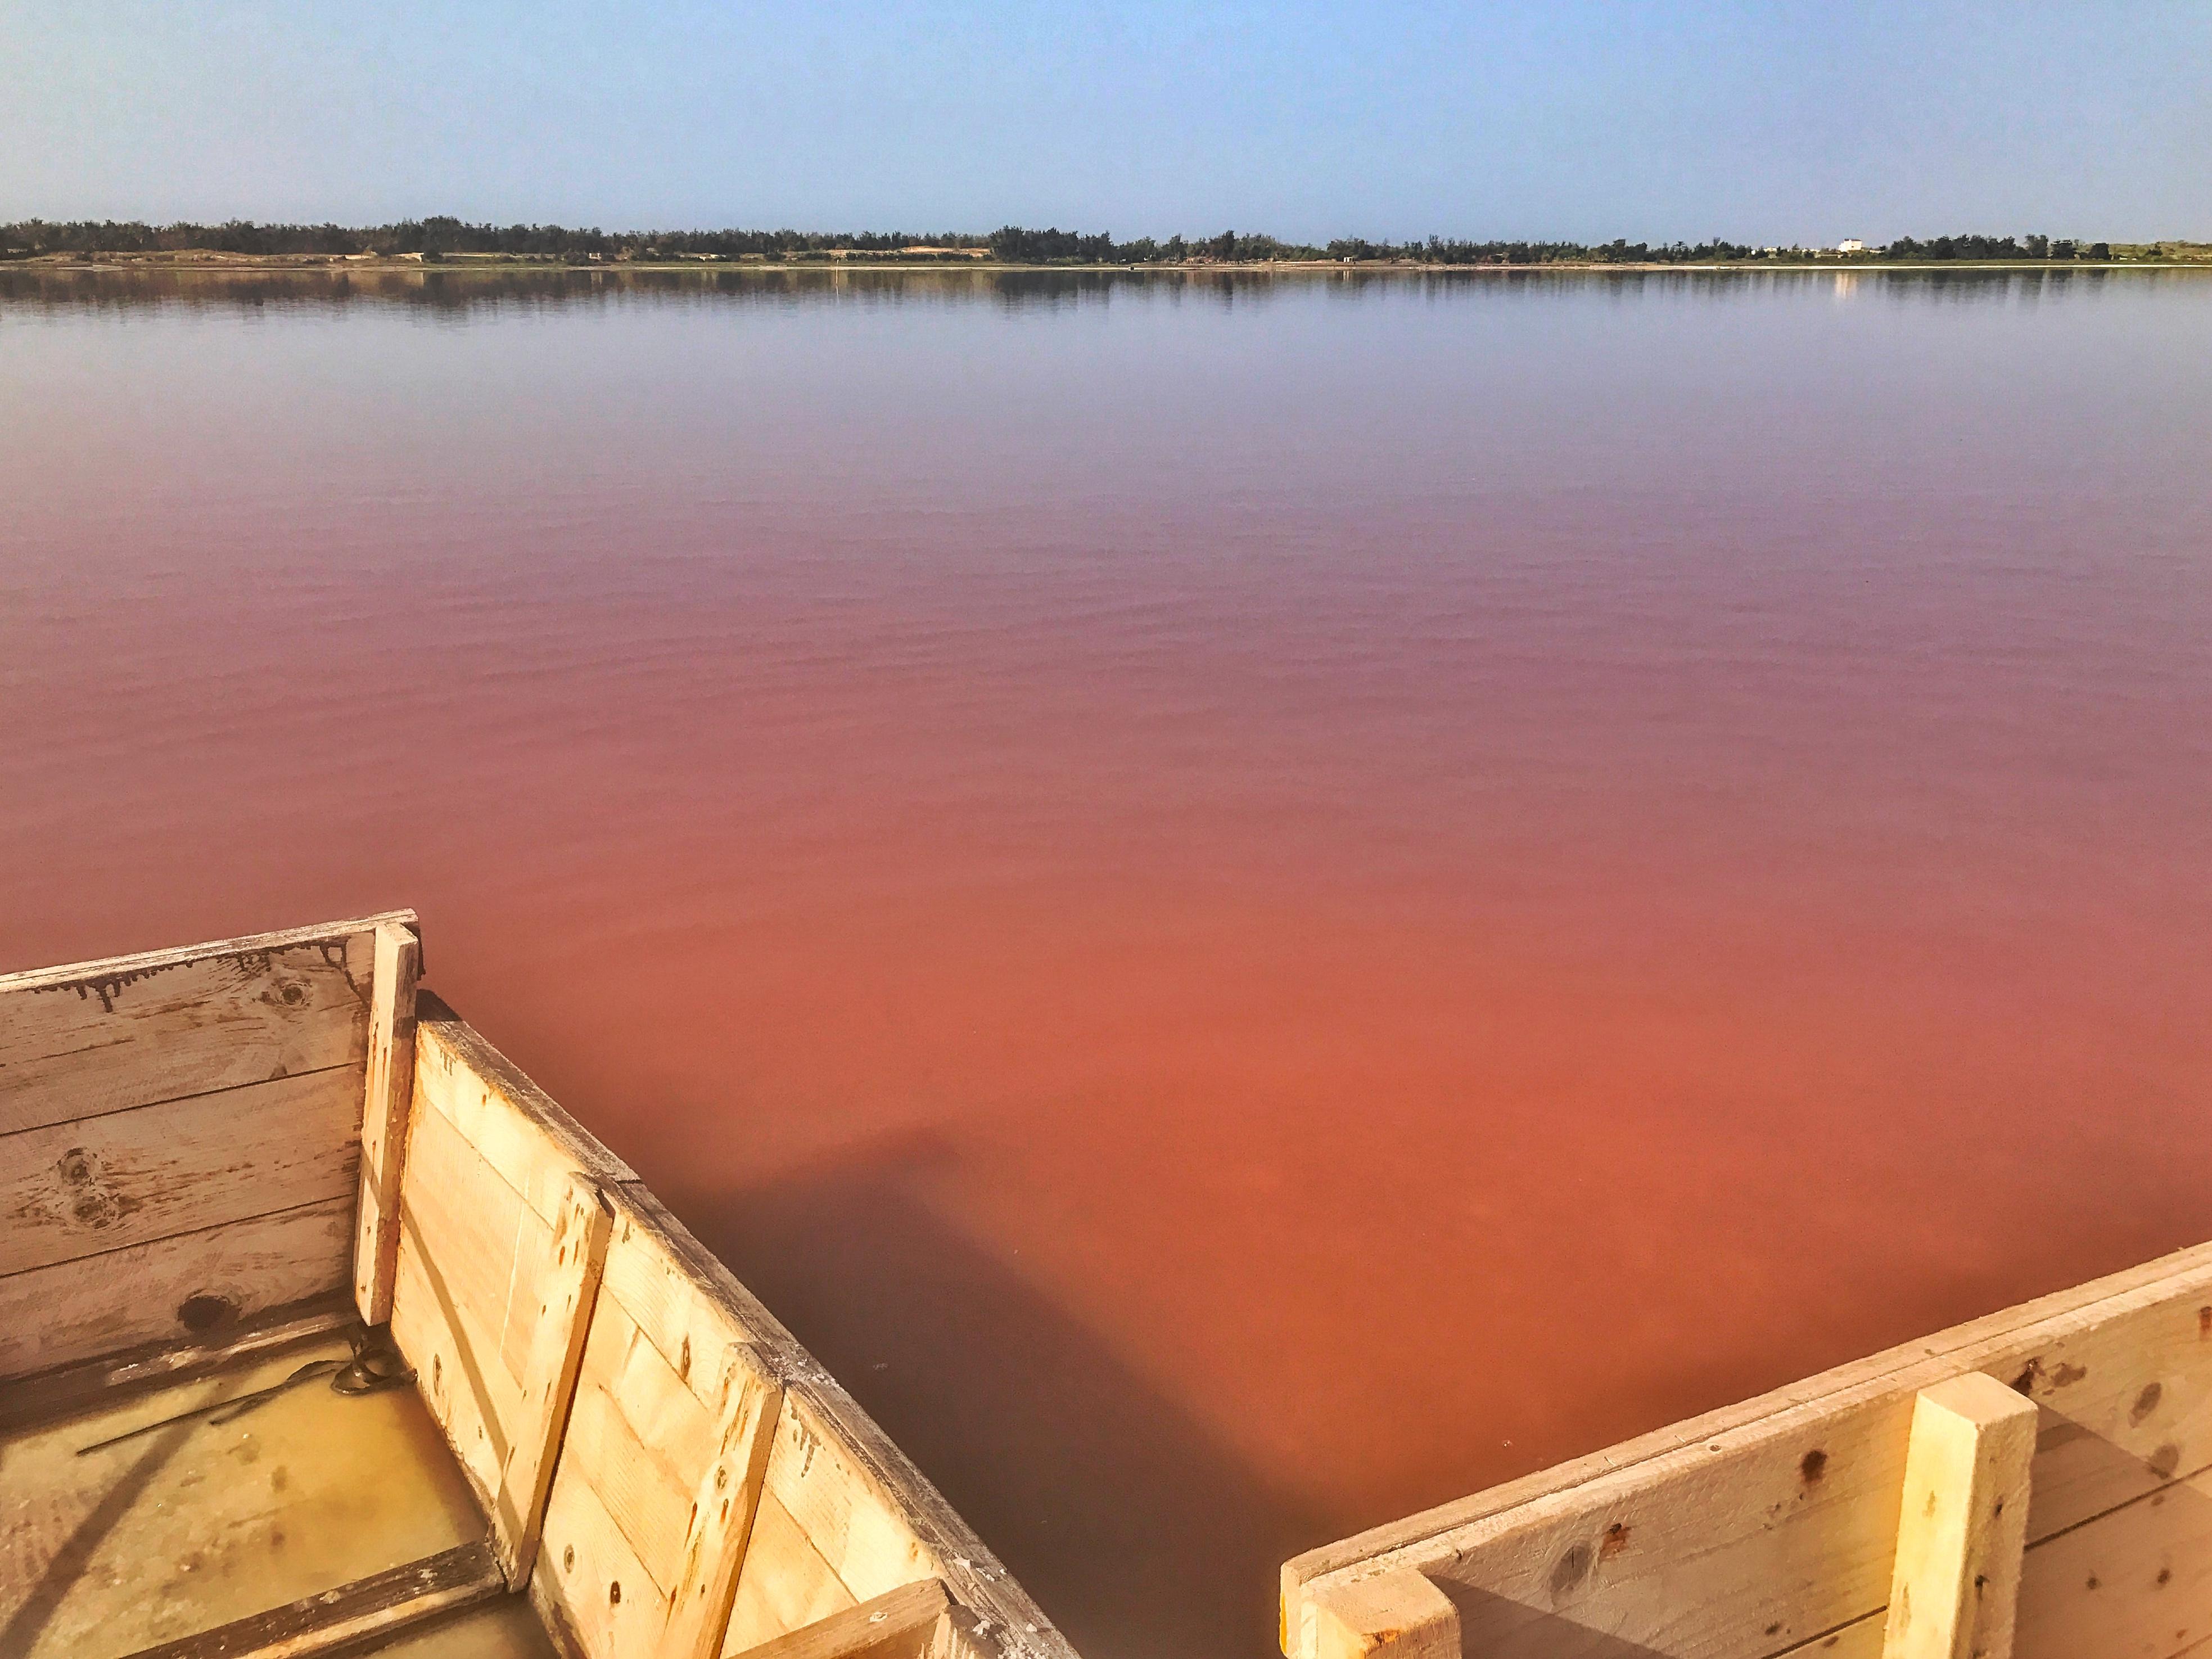 il lago rosa in senegal